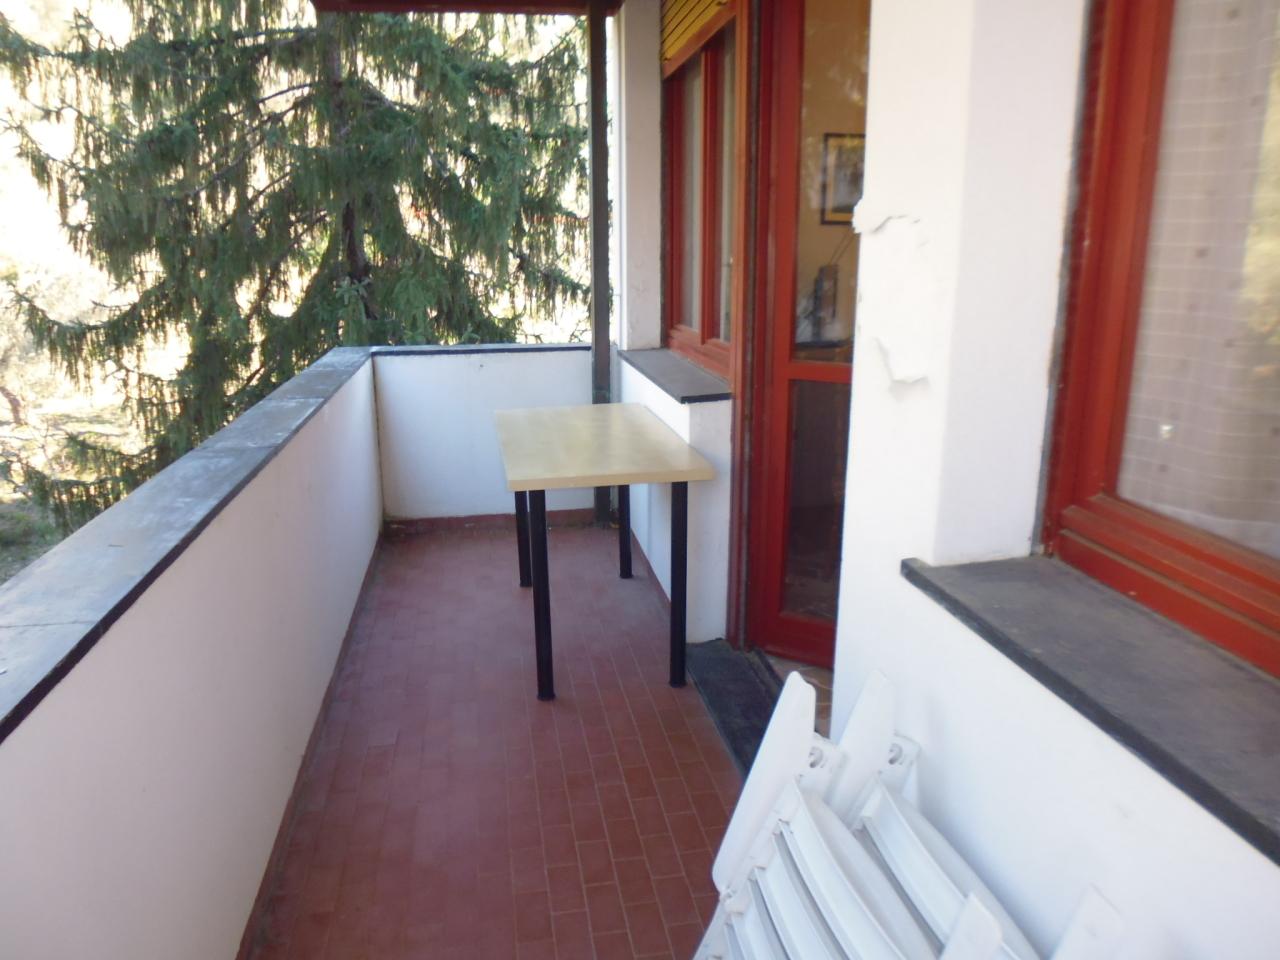 Appartamento in vendita a Sestri Levante, 3 locali, prezzo € 225.000   CambioCasa.it